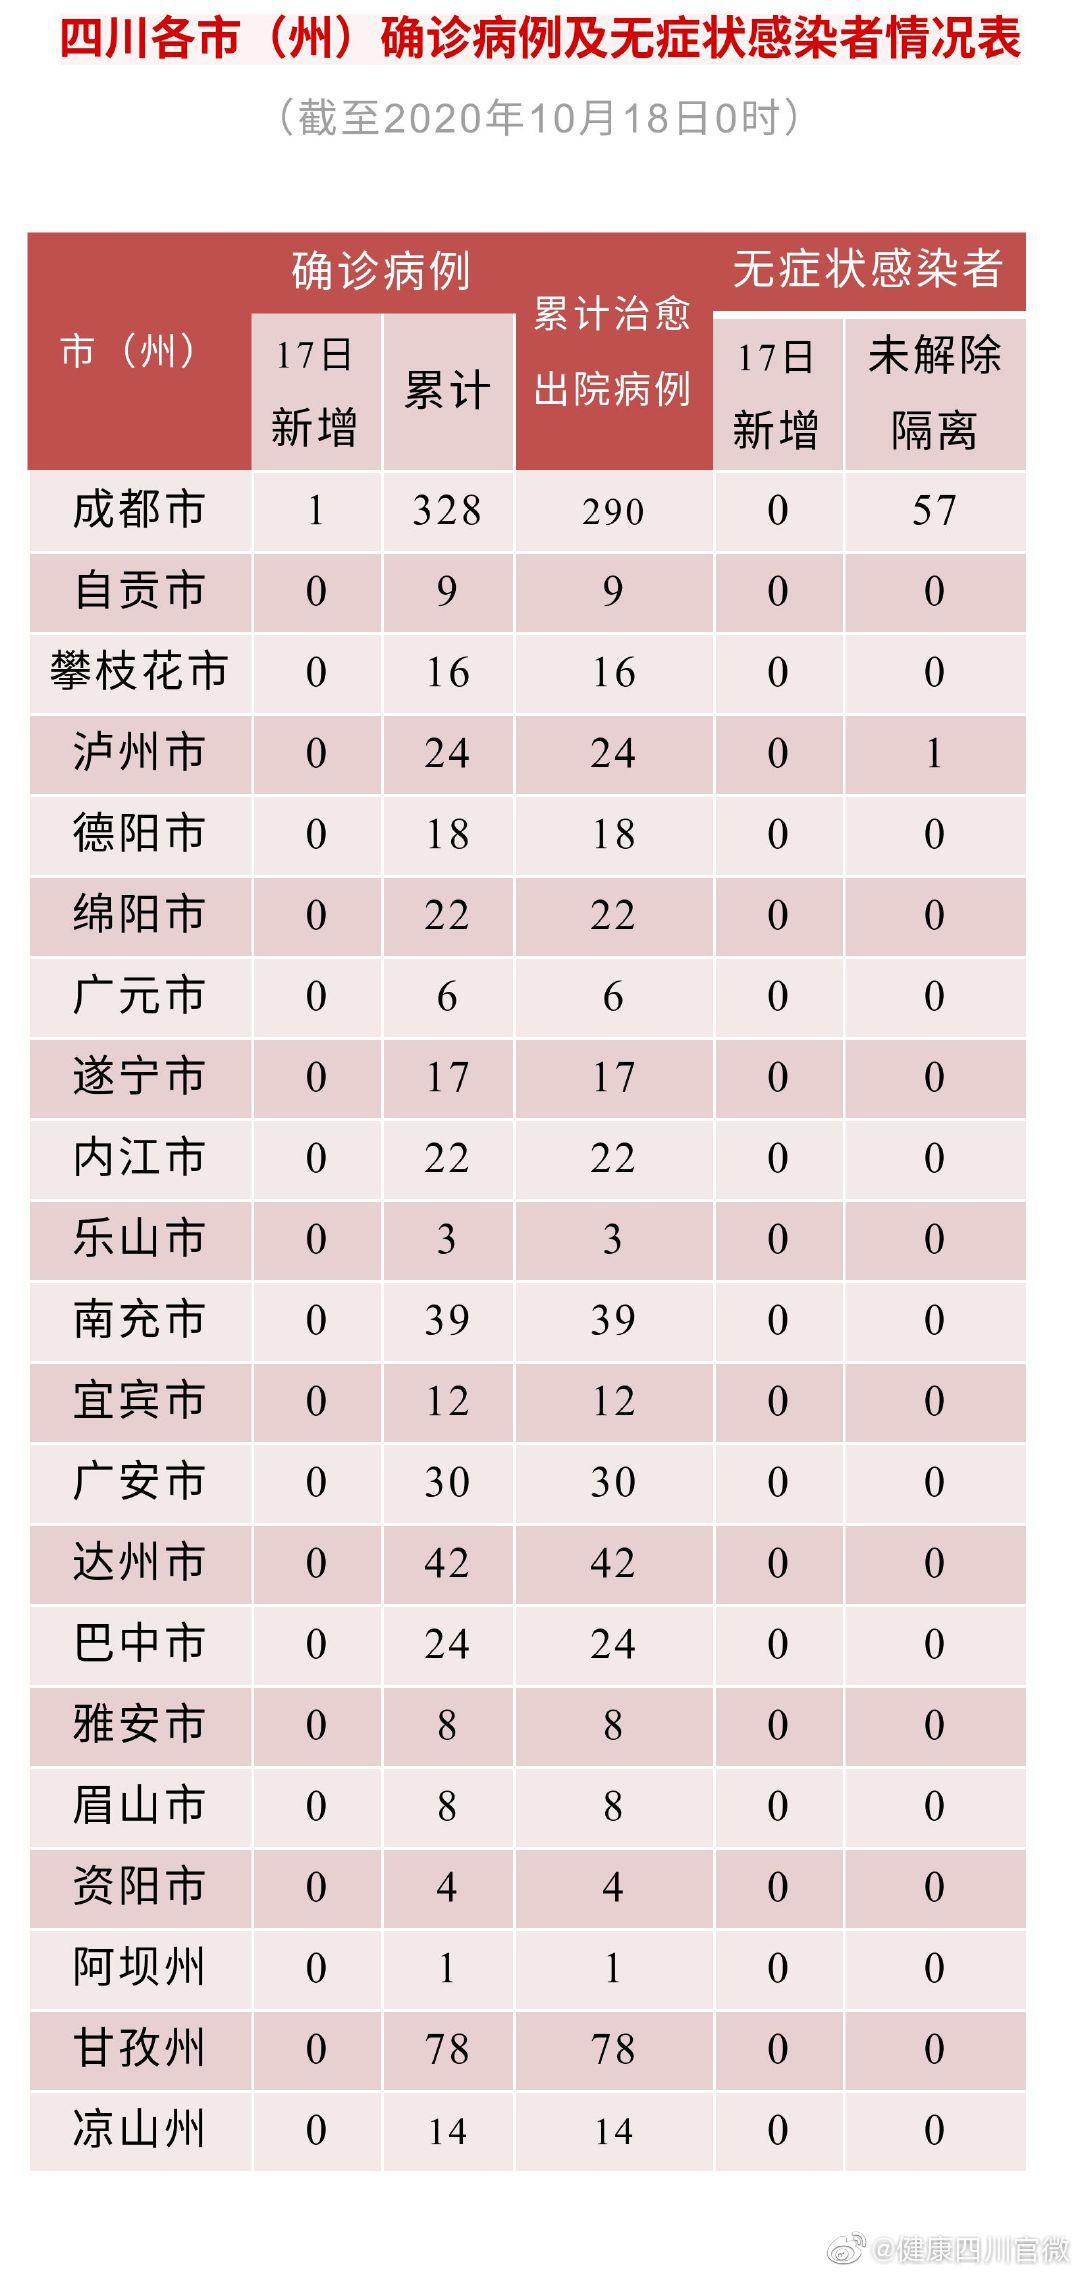 10月17日四川新增境外输入确诊病例1例图片